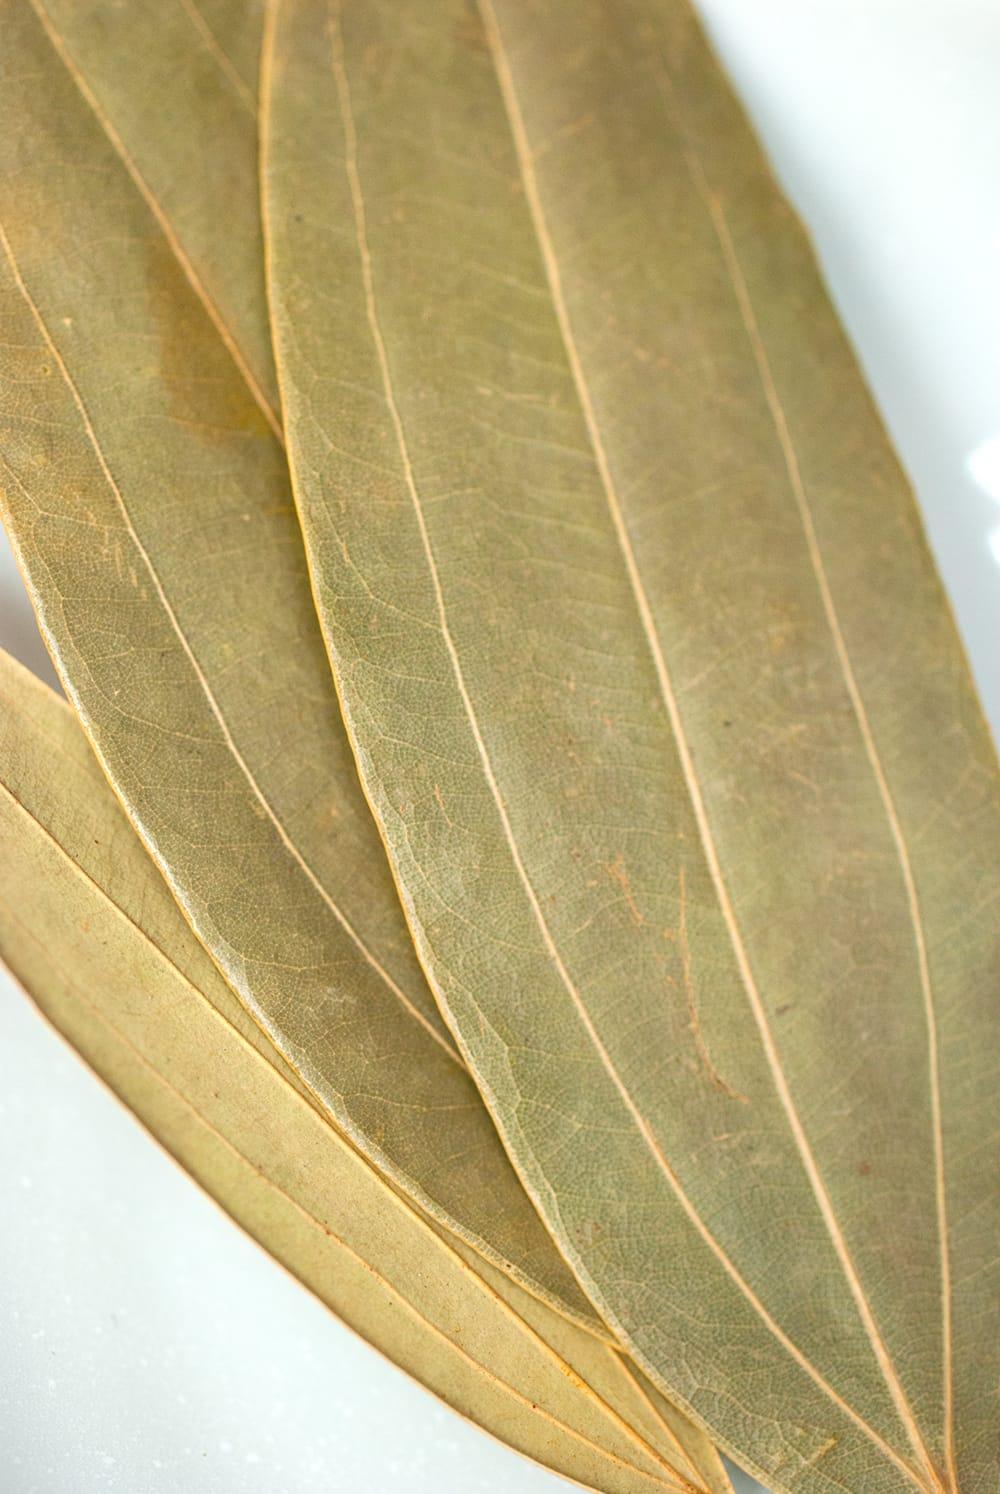 インディアンベイリーフ(シナモンリーフ) 袋入り 【5g】 Bay Leaves 2 - シナモンの葉です。月桂樹とは、葉脈の走り方が違います。